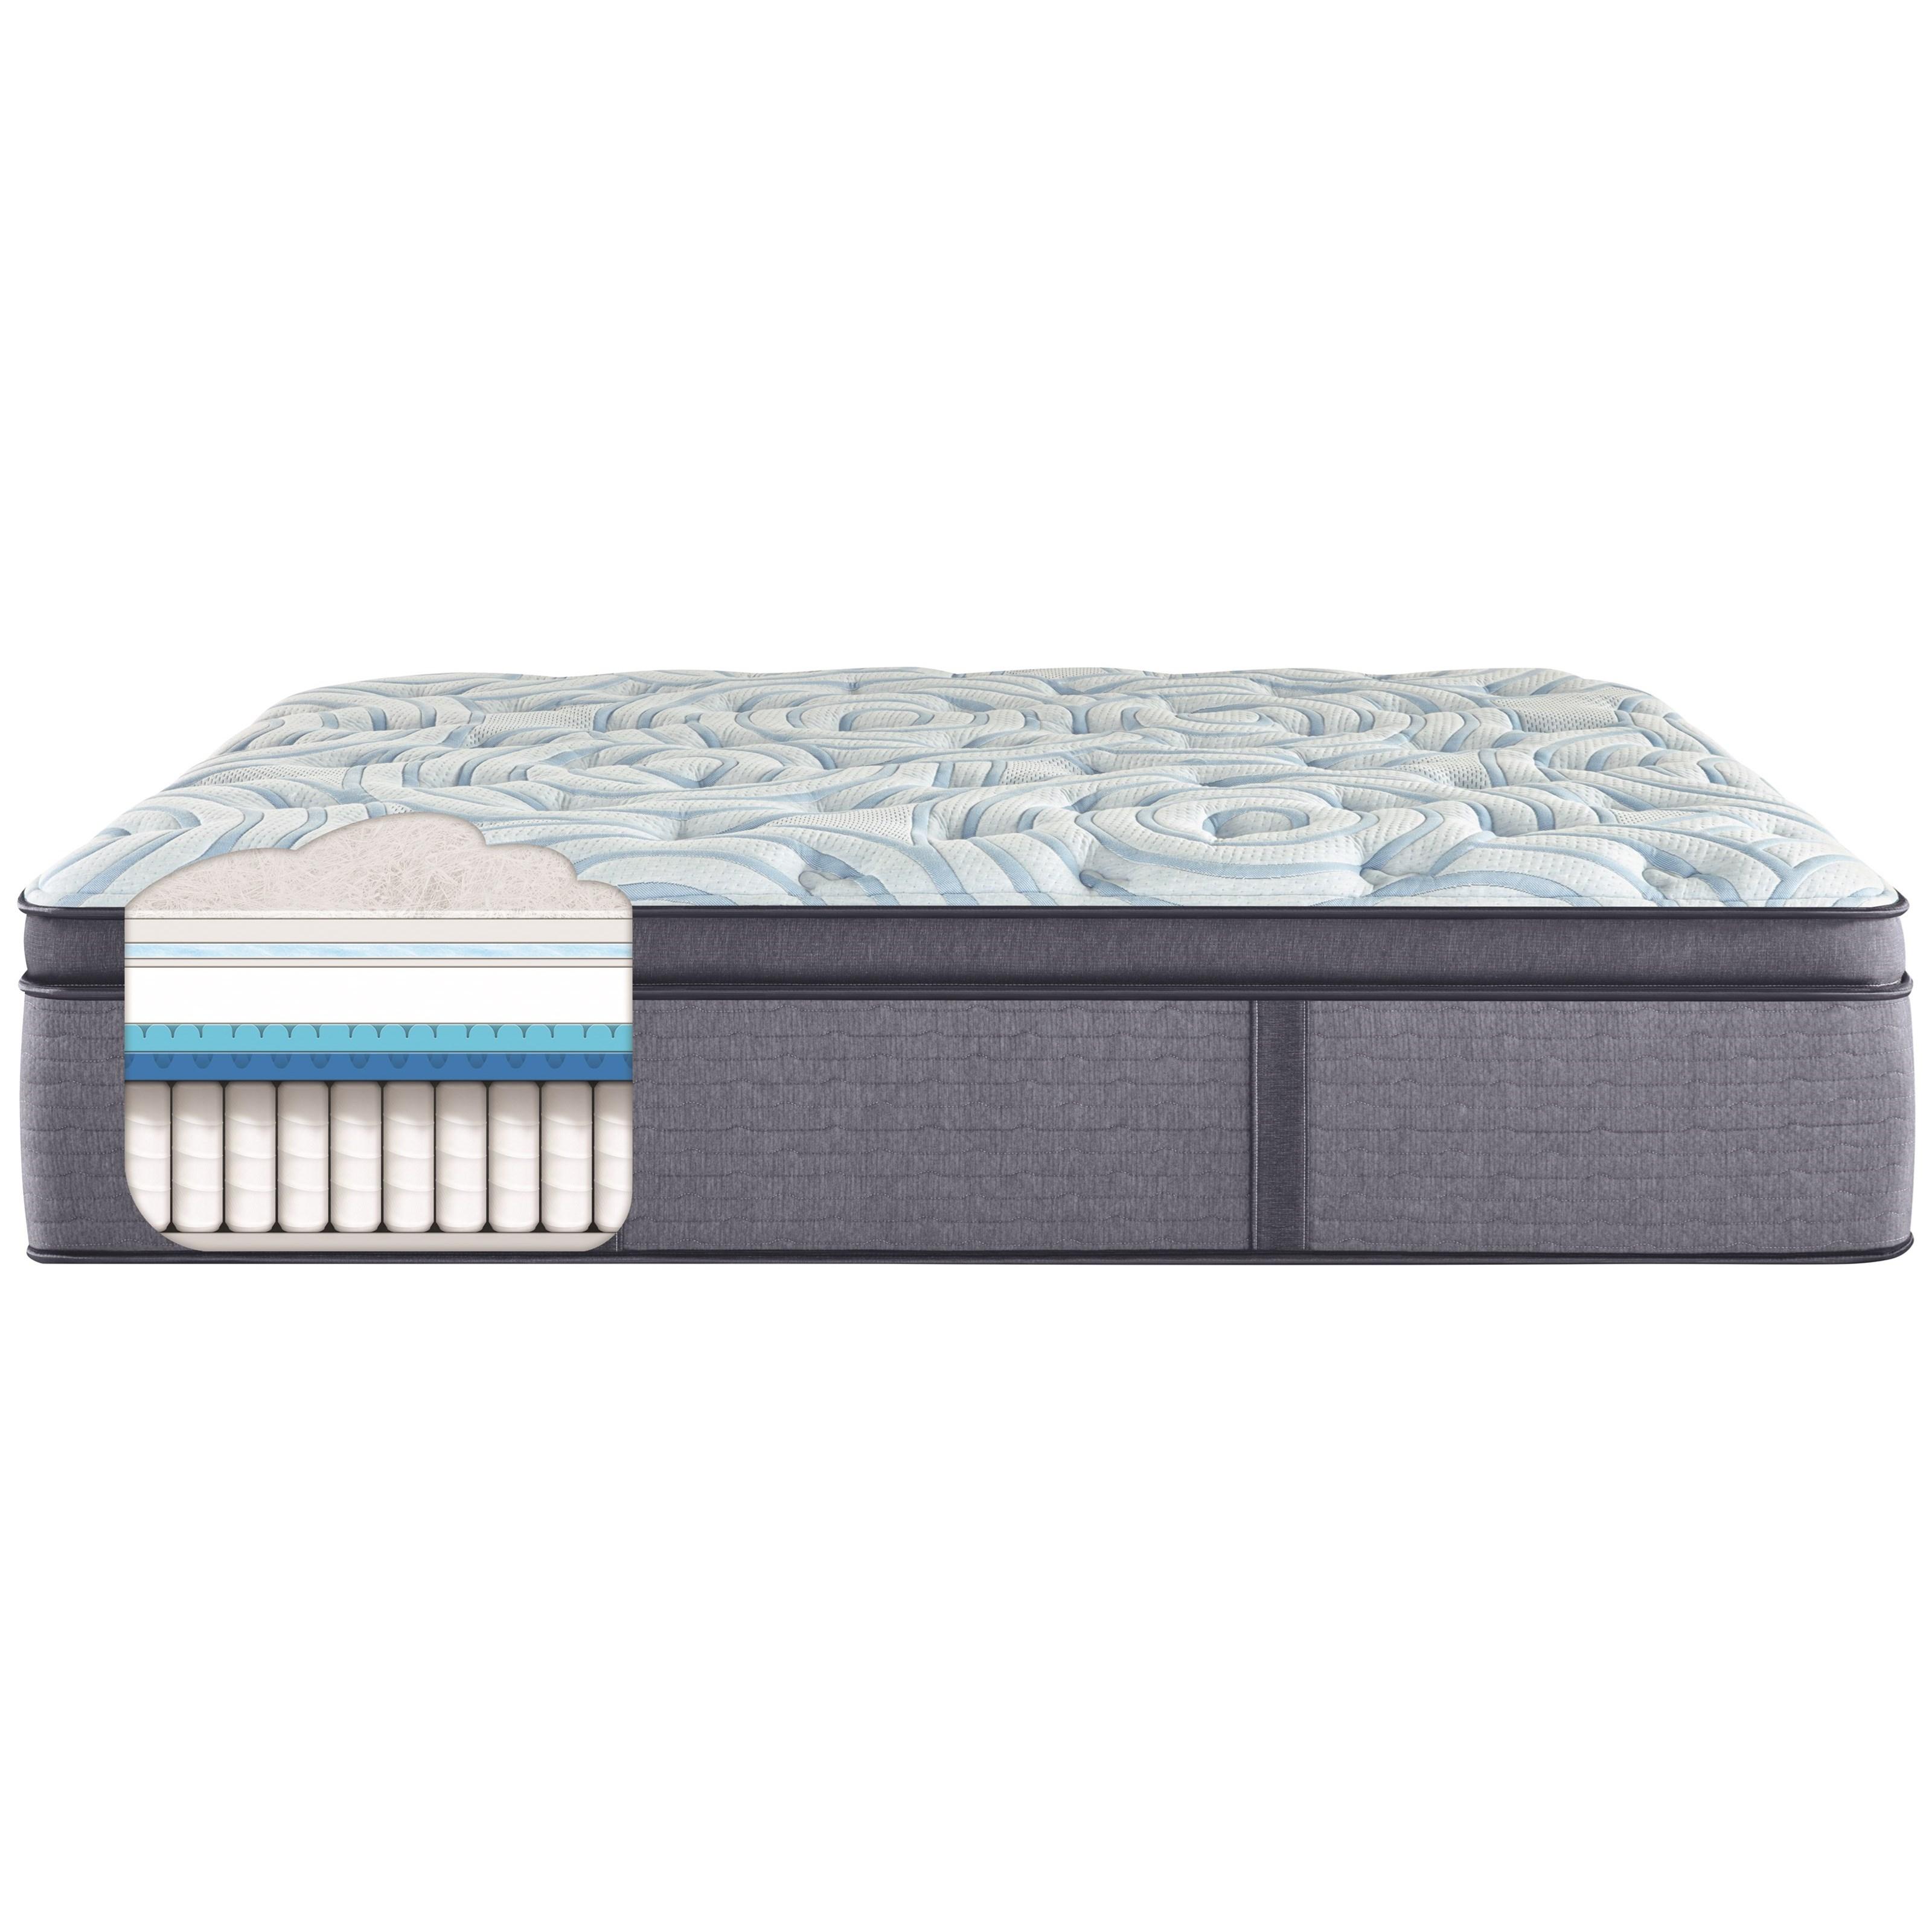 winnipeg plush pt queen 17 1 2 plush pillow top mattress